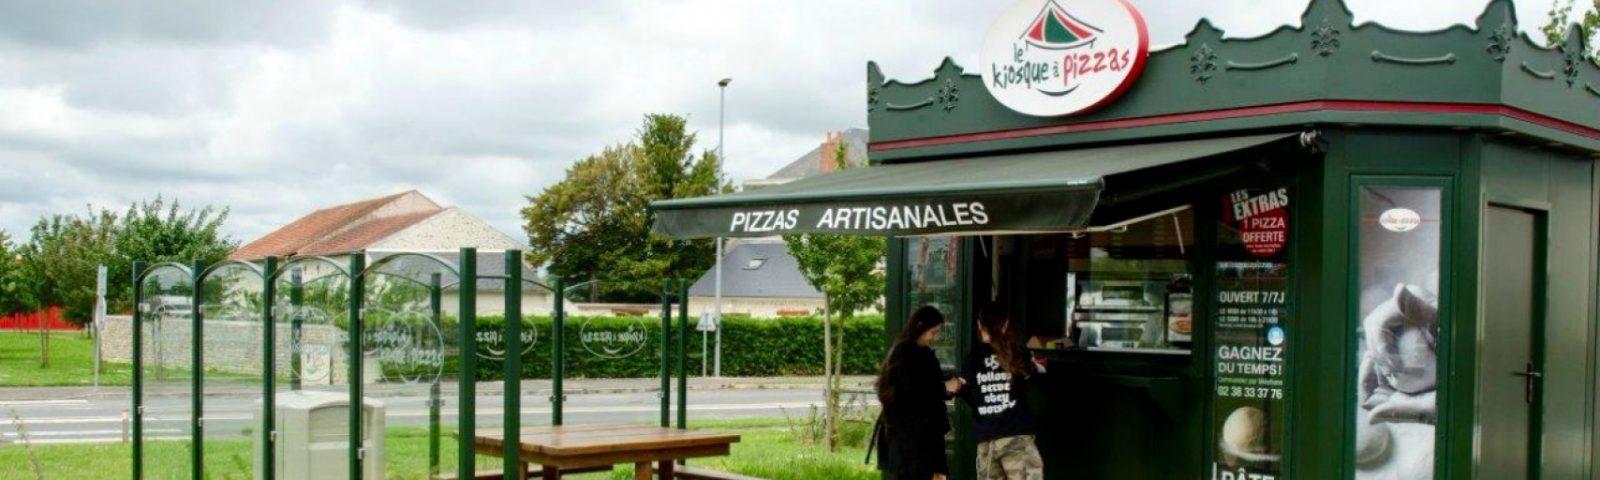 Quiosques de venda de pizzas chegam a Portugal em franchising - Le Kiosque à Pizzas